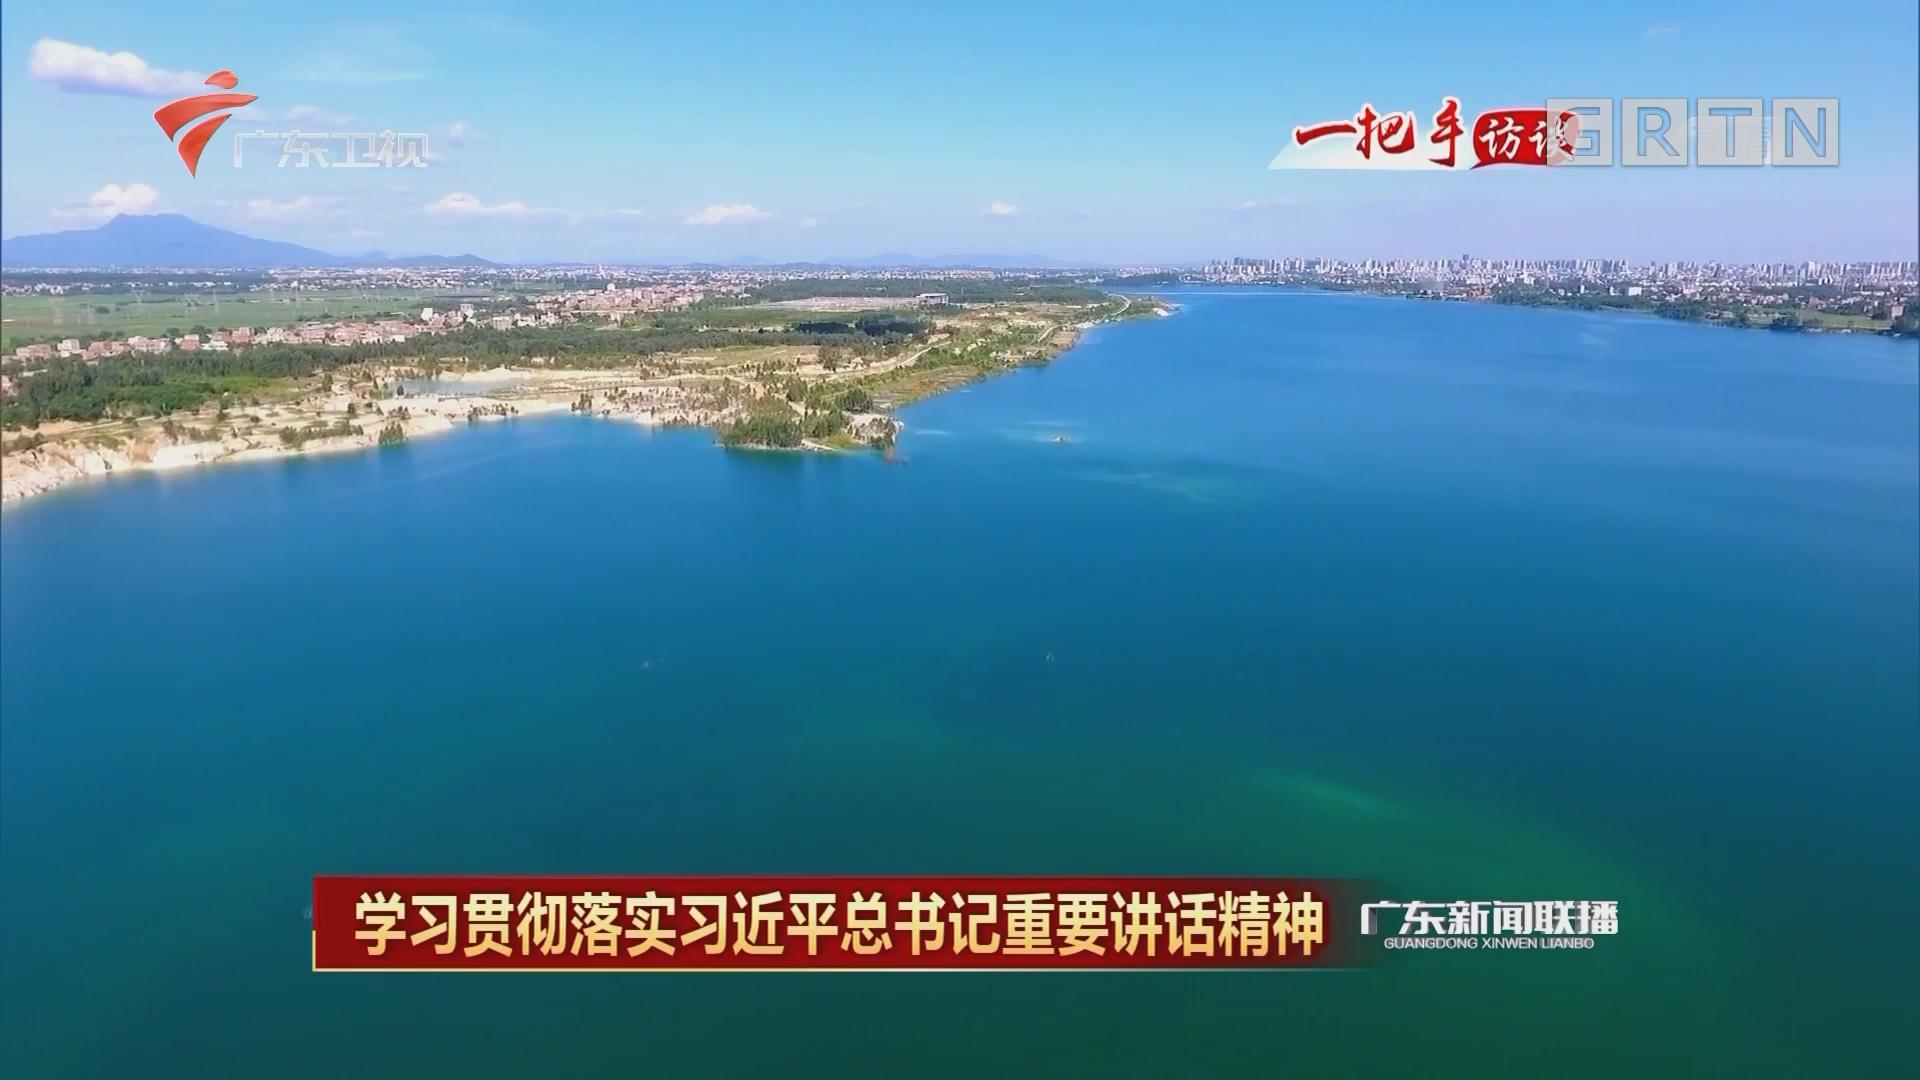 茂名:重化工业城市绿色崛起再出发